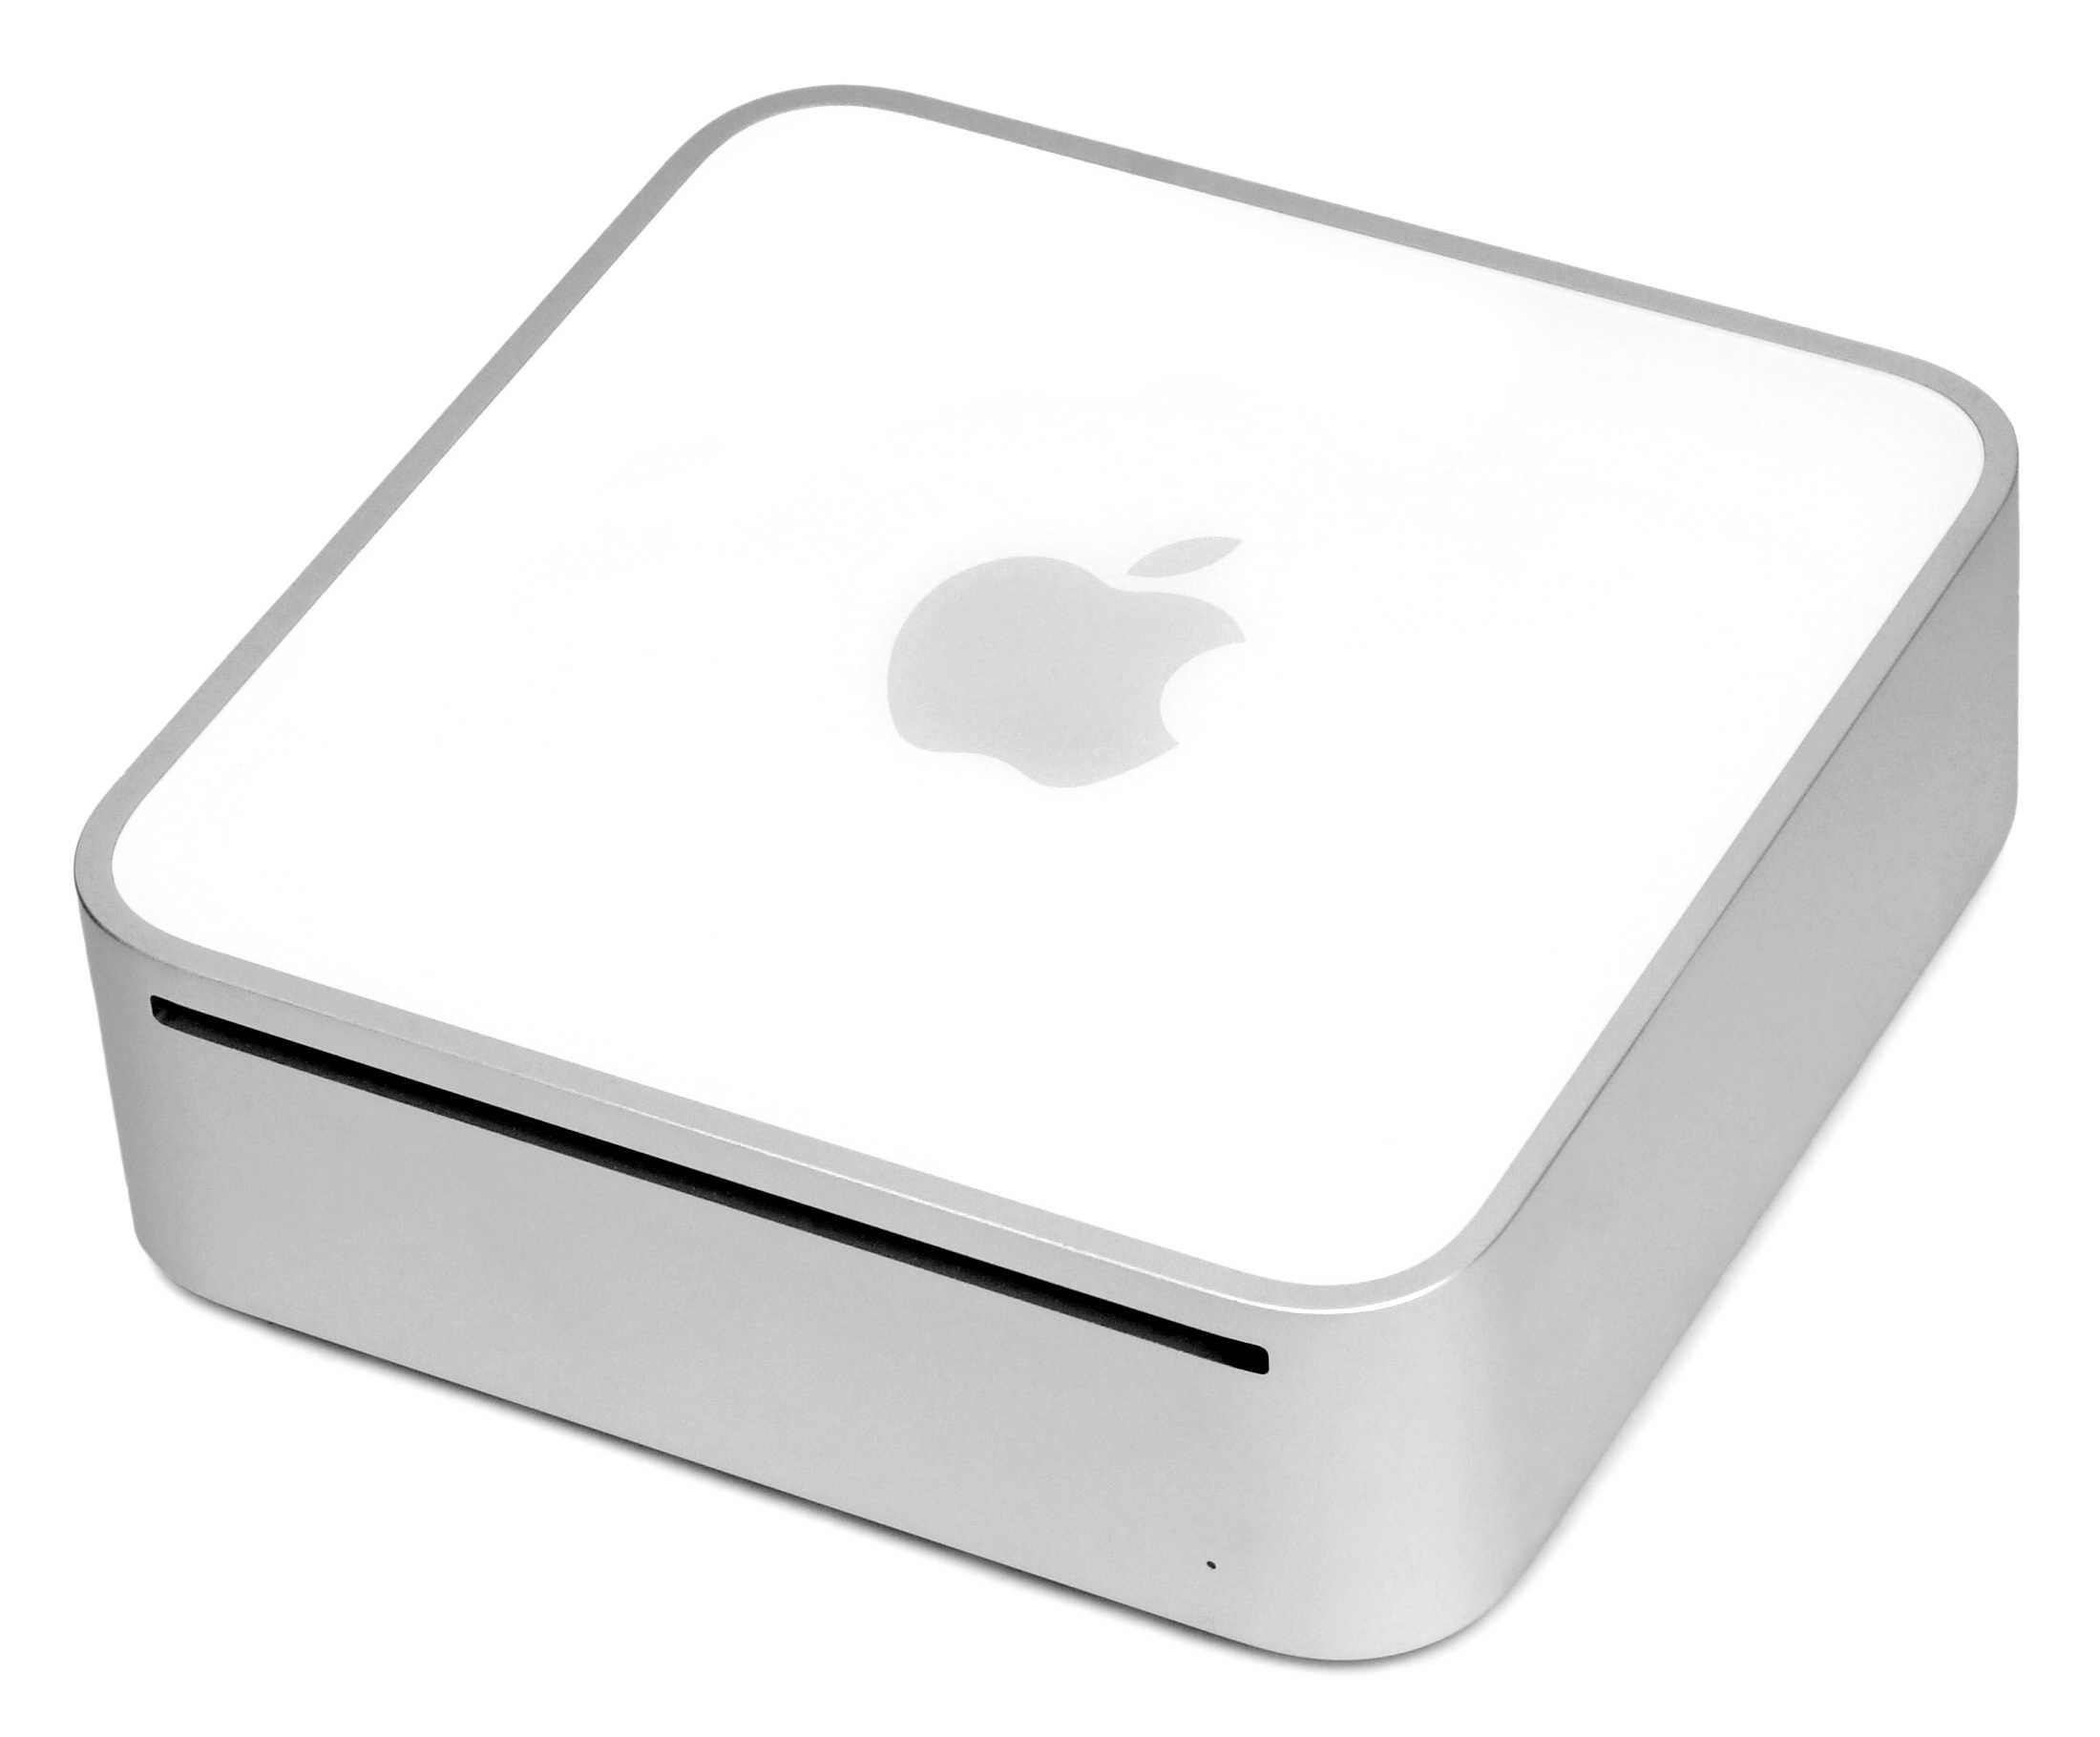 Что такое intel nuc и чем он лучше mac mini | appleinsider.ru